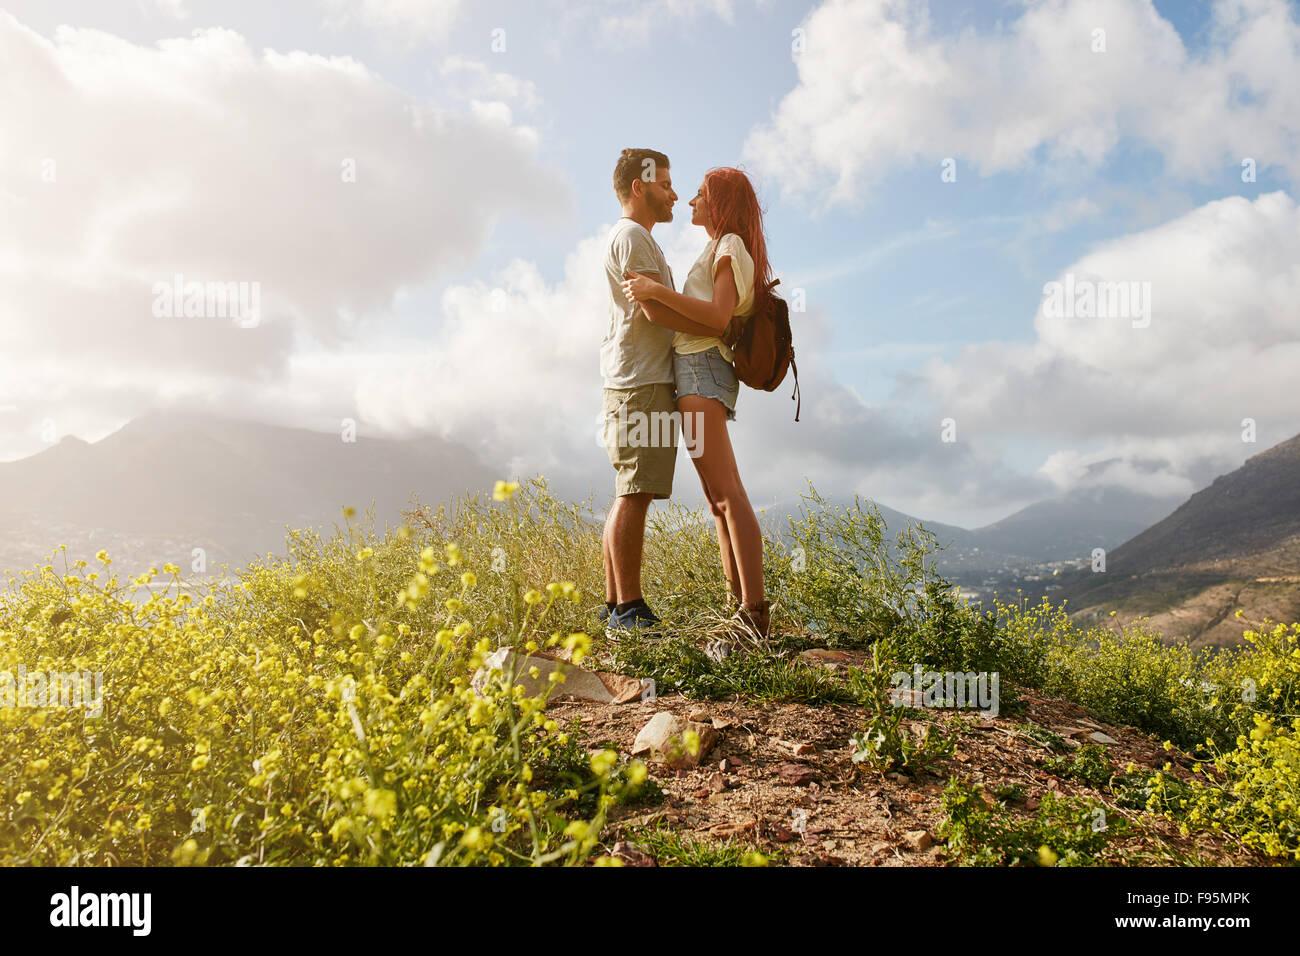 Portrait de couple amoureux à embrasser debout sur une colline. Jeune homme et de la femme de l'amour debout Photo Stock